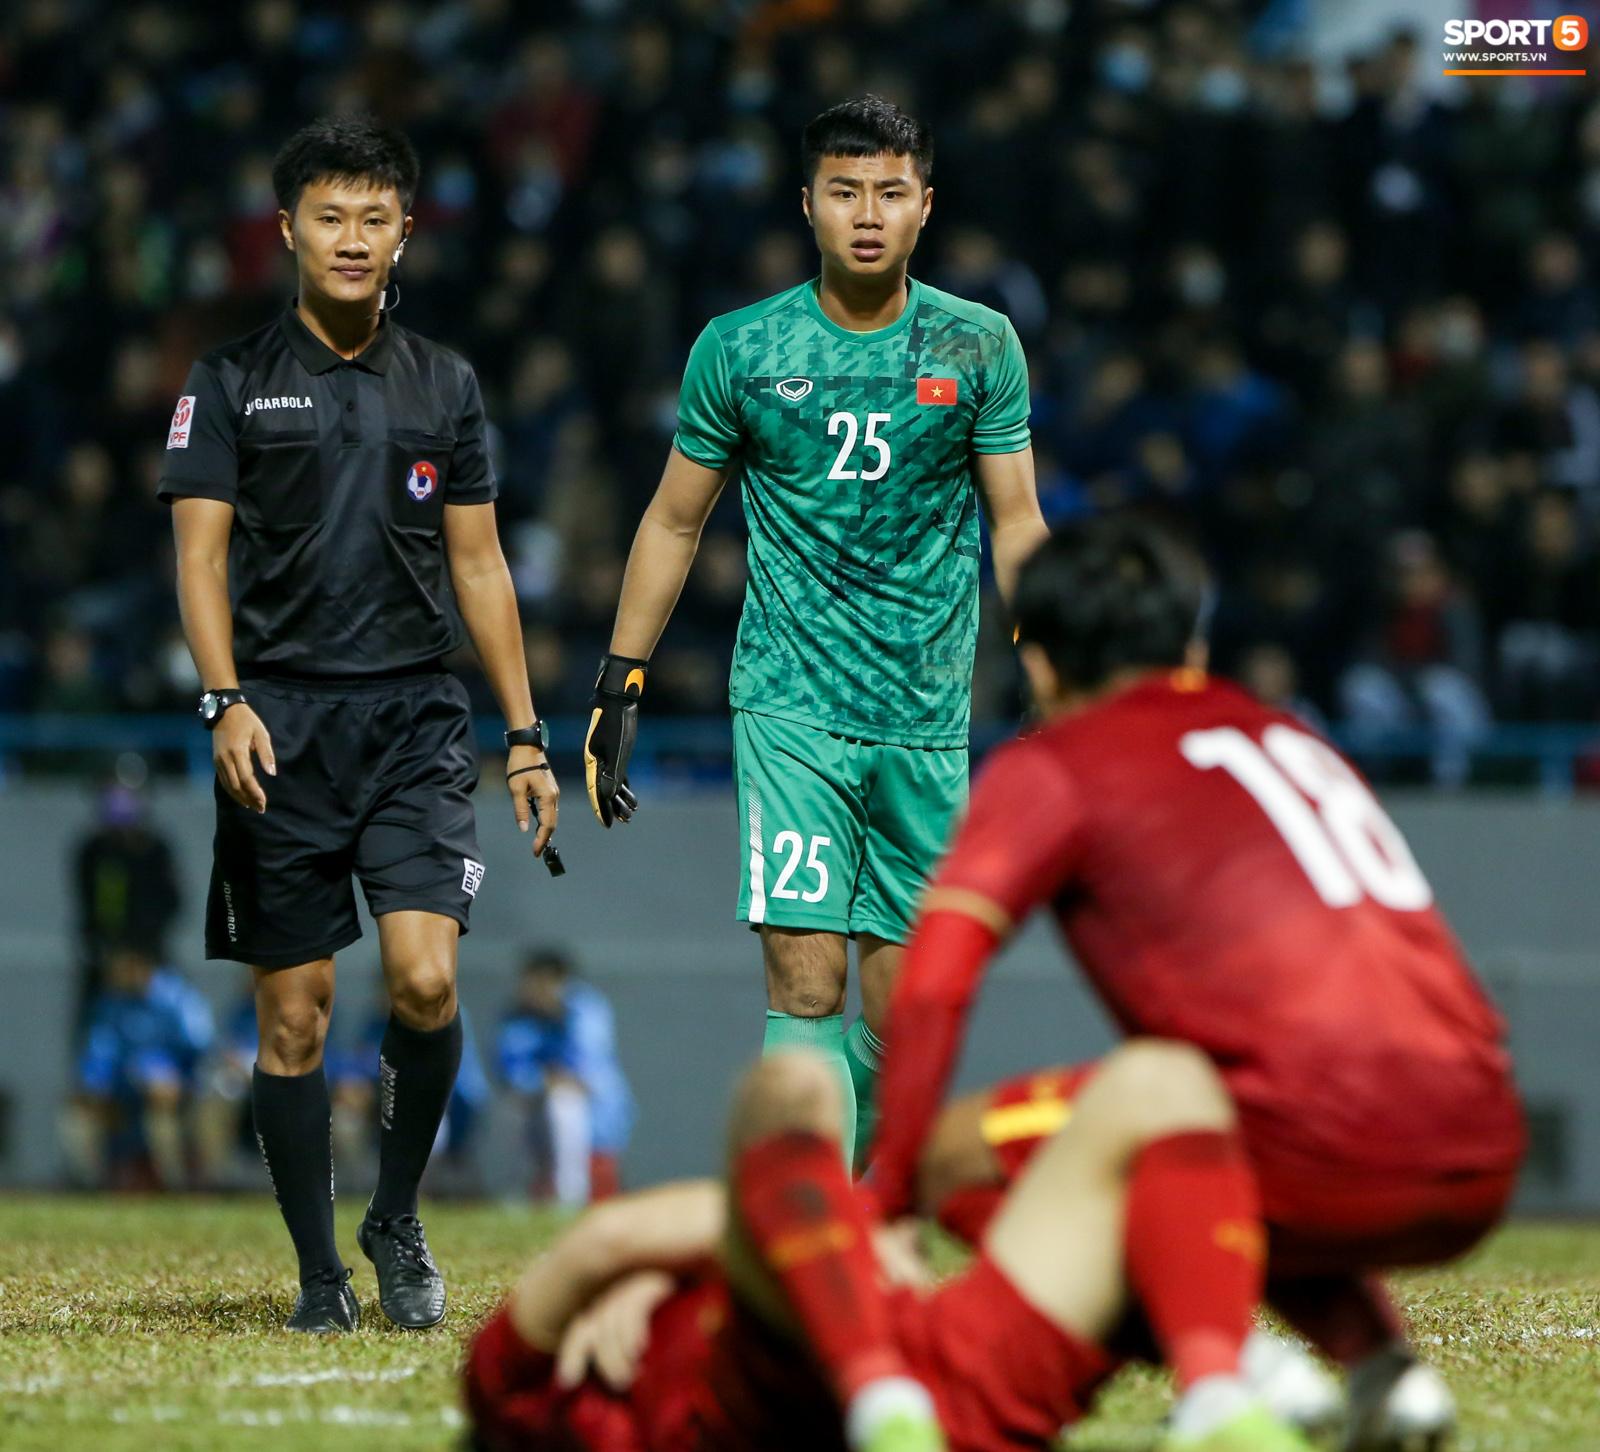 Văn Lâm được theo dõi online, HLV Park Hang-seo chưa quyết triệu tập lên tuyển Việt Nam - Ảnh 2.